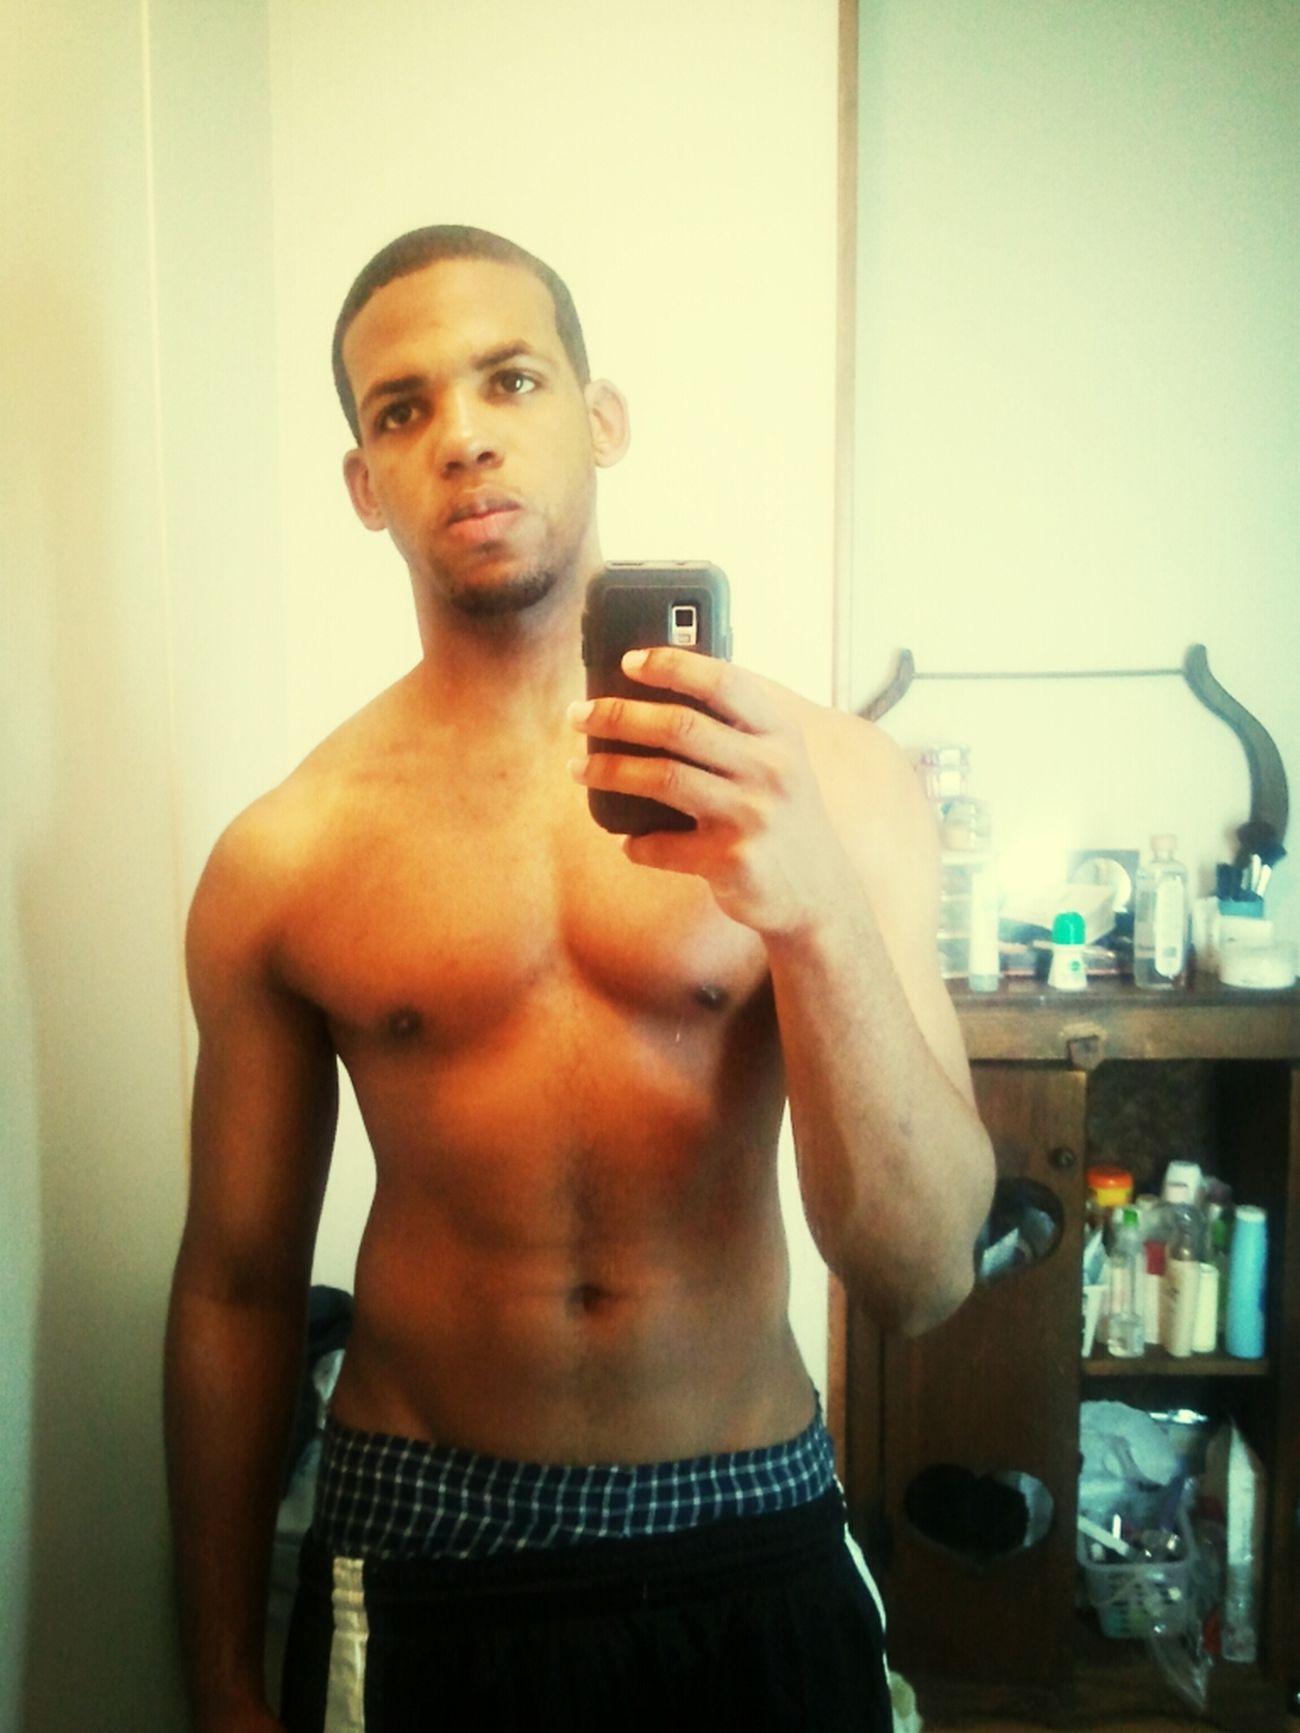 Fresh Outta Shower Boutta Chill